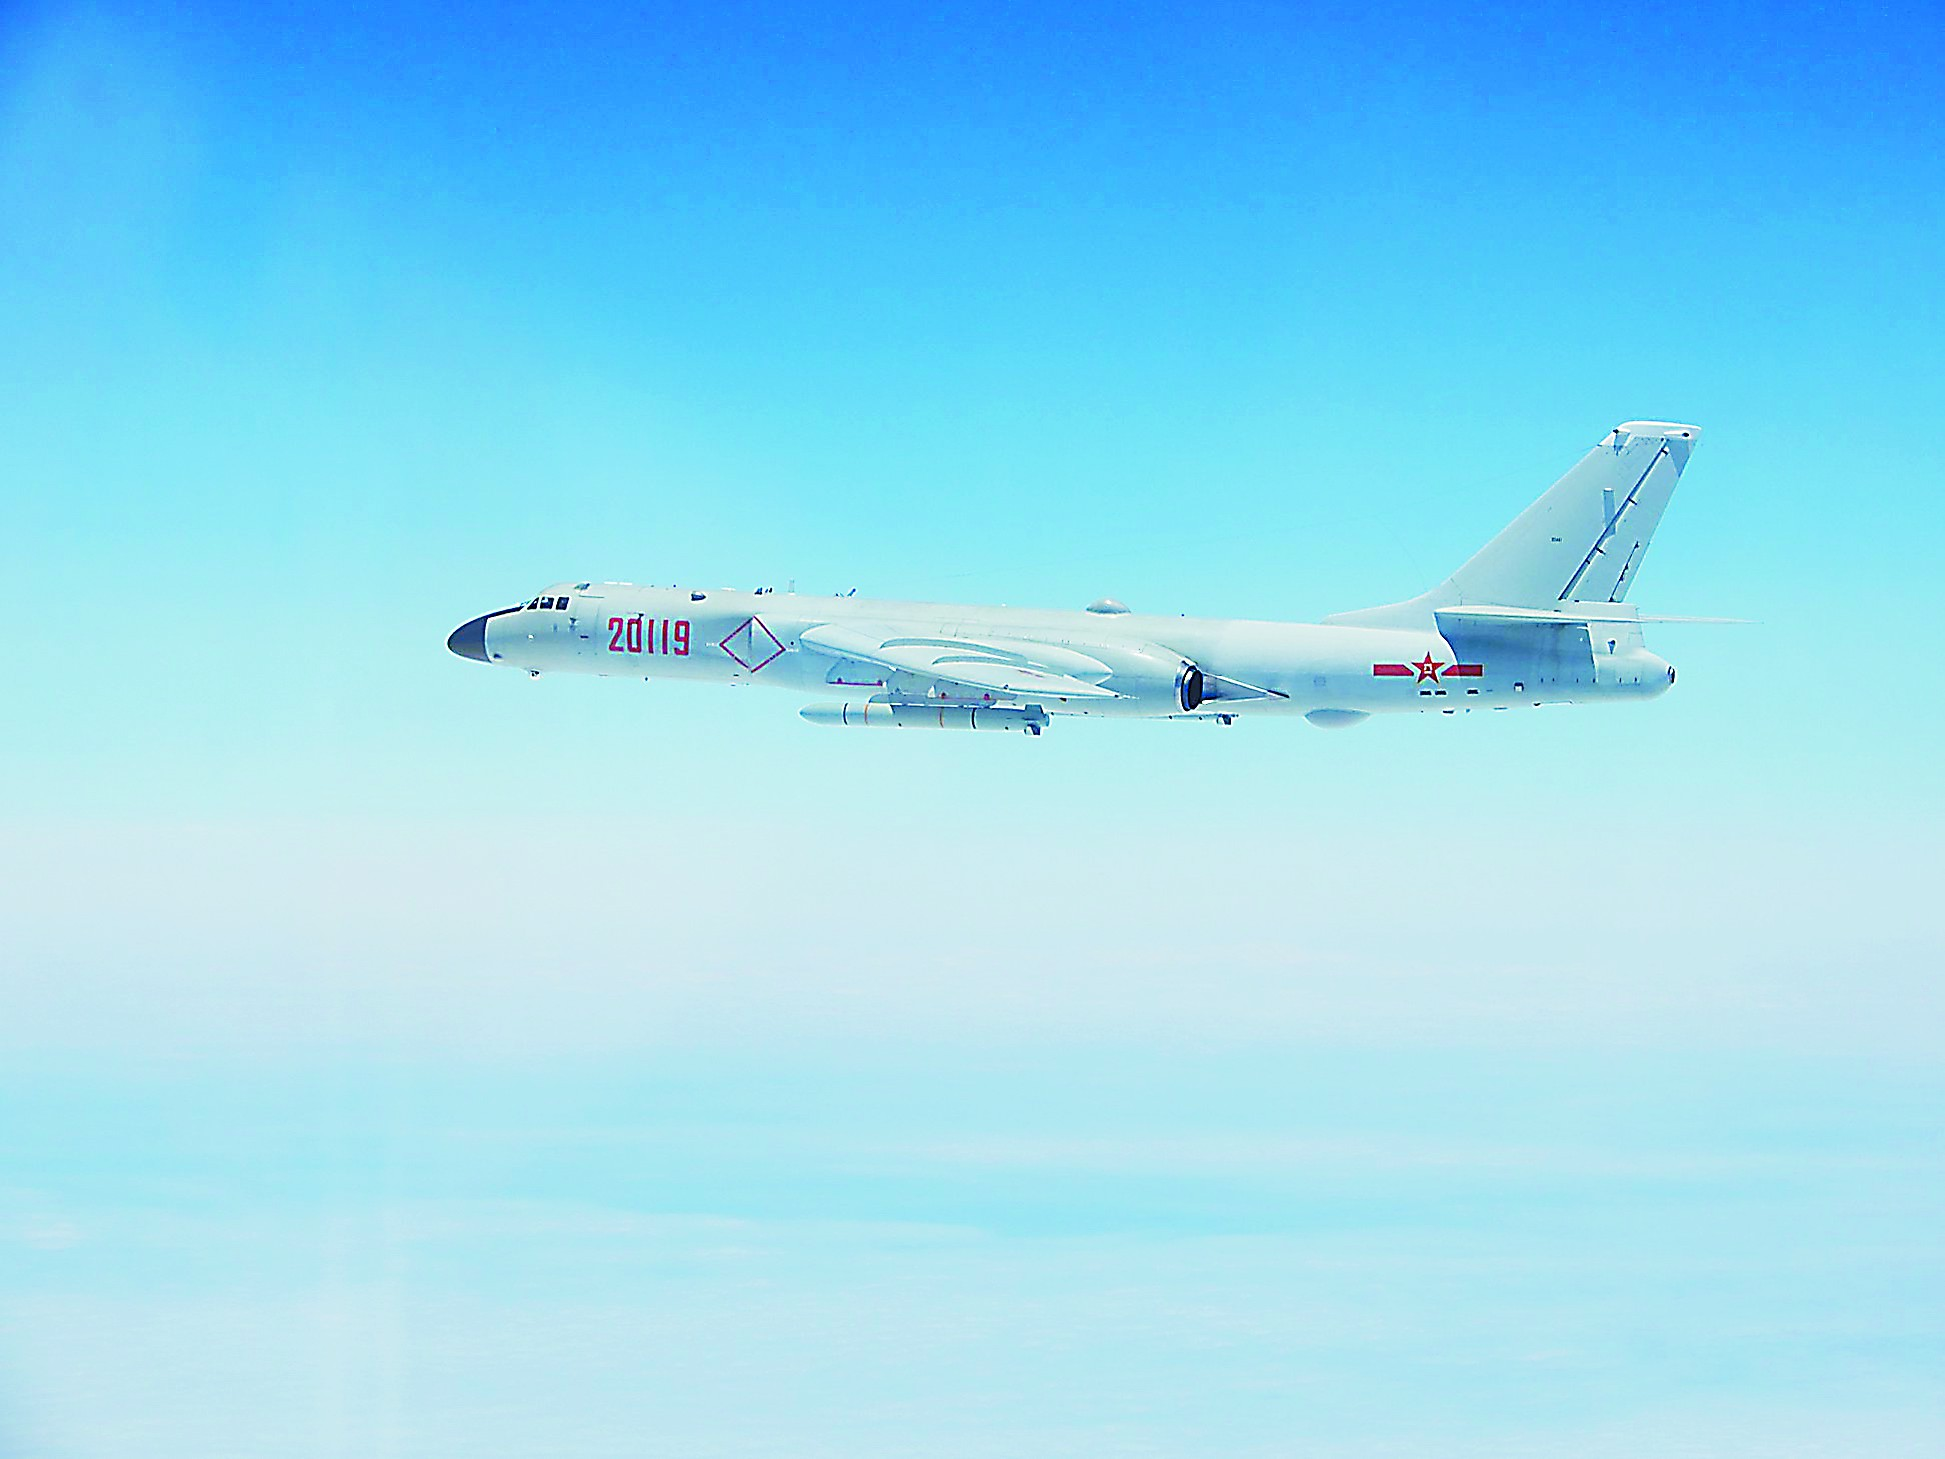 再度绕台!空军多机型出击 轰6K挂载巡航导弹